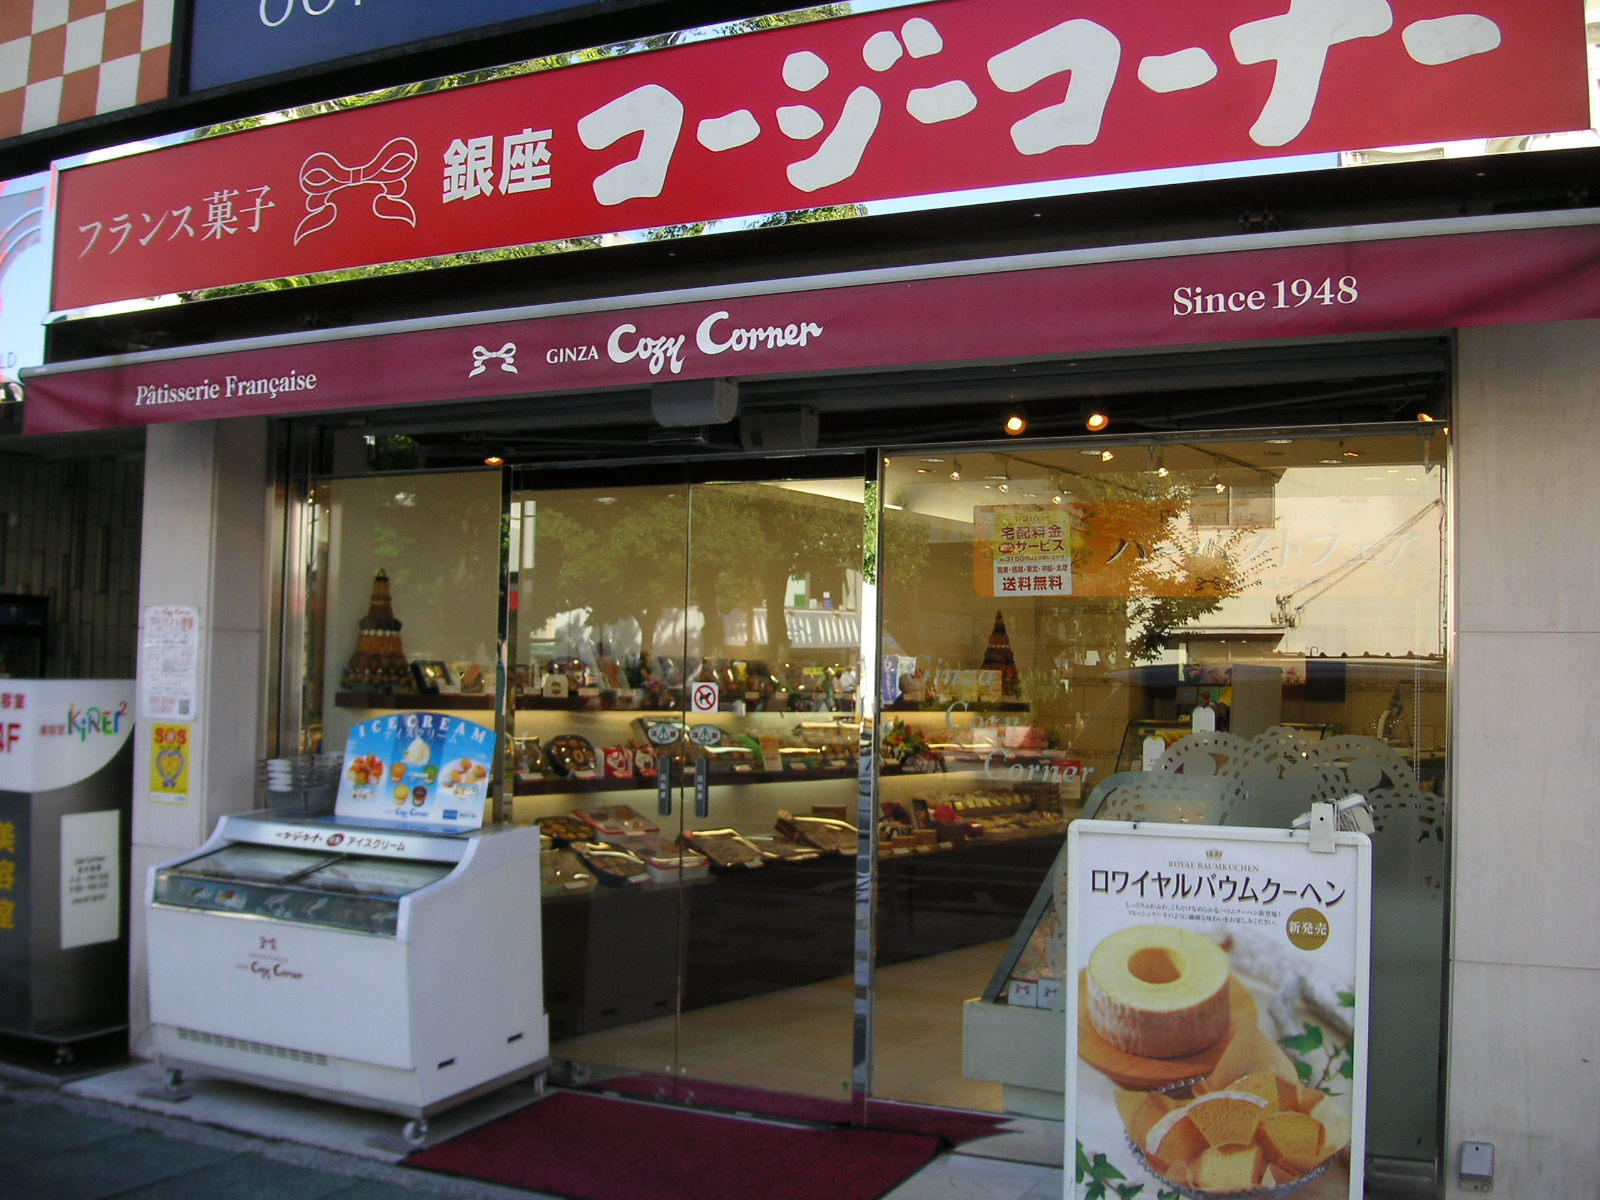 銀座コージーコーナー人気メニューBEST10